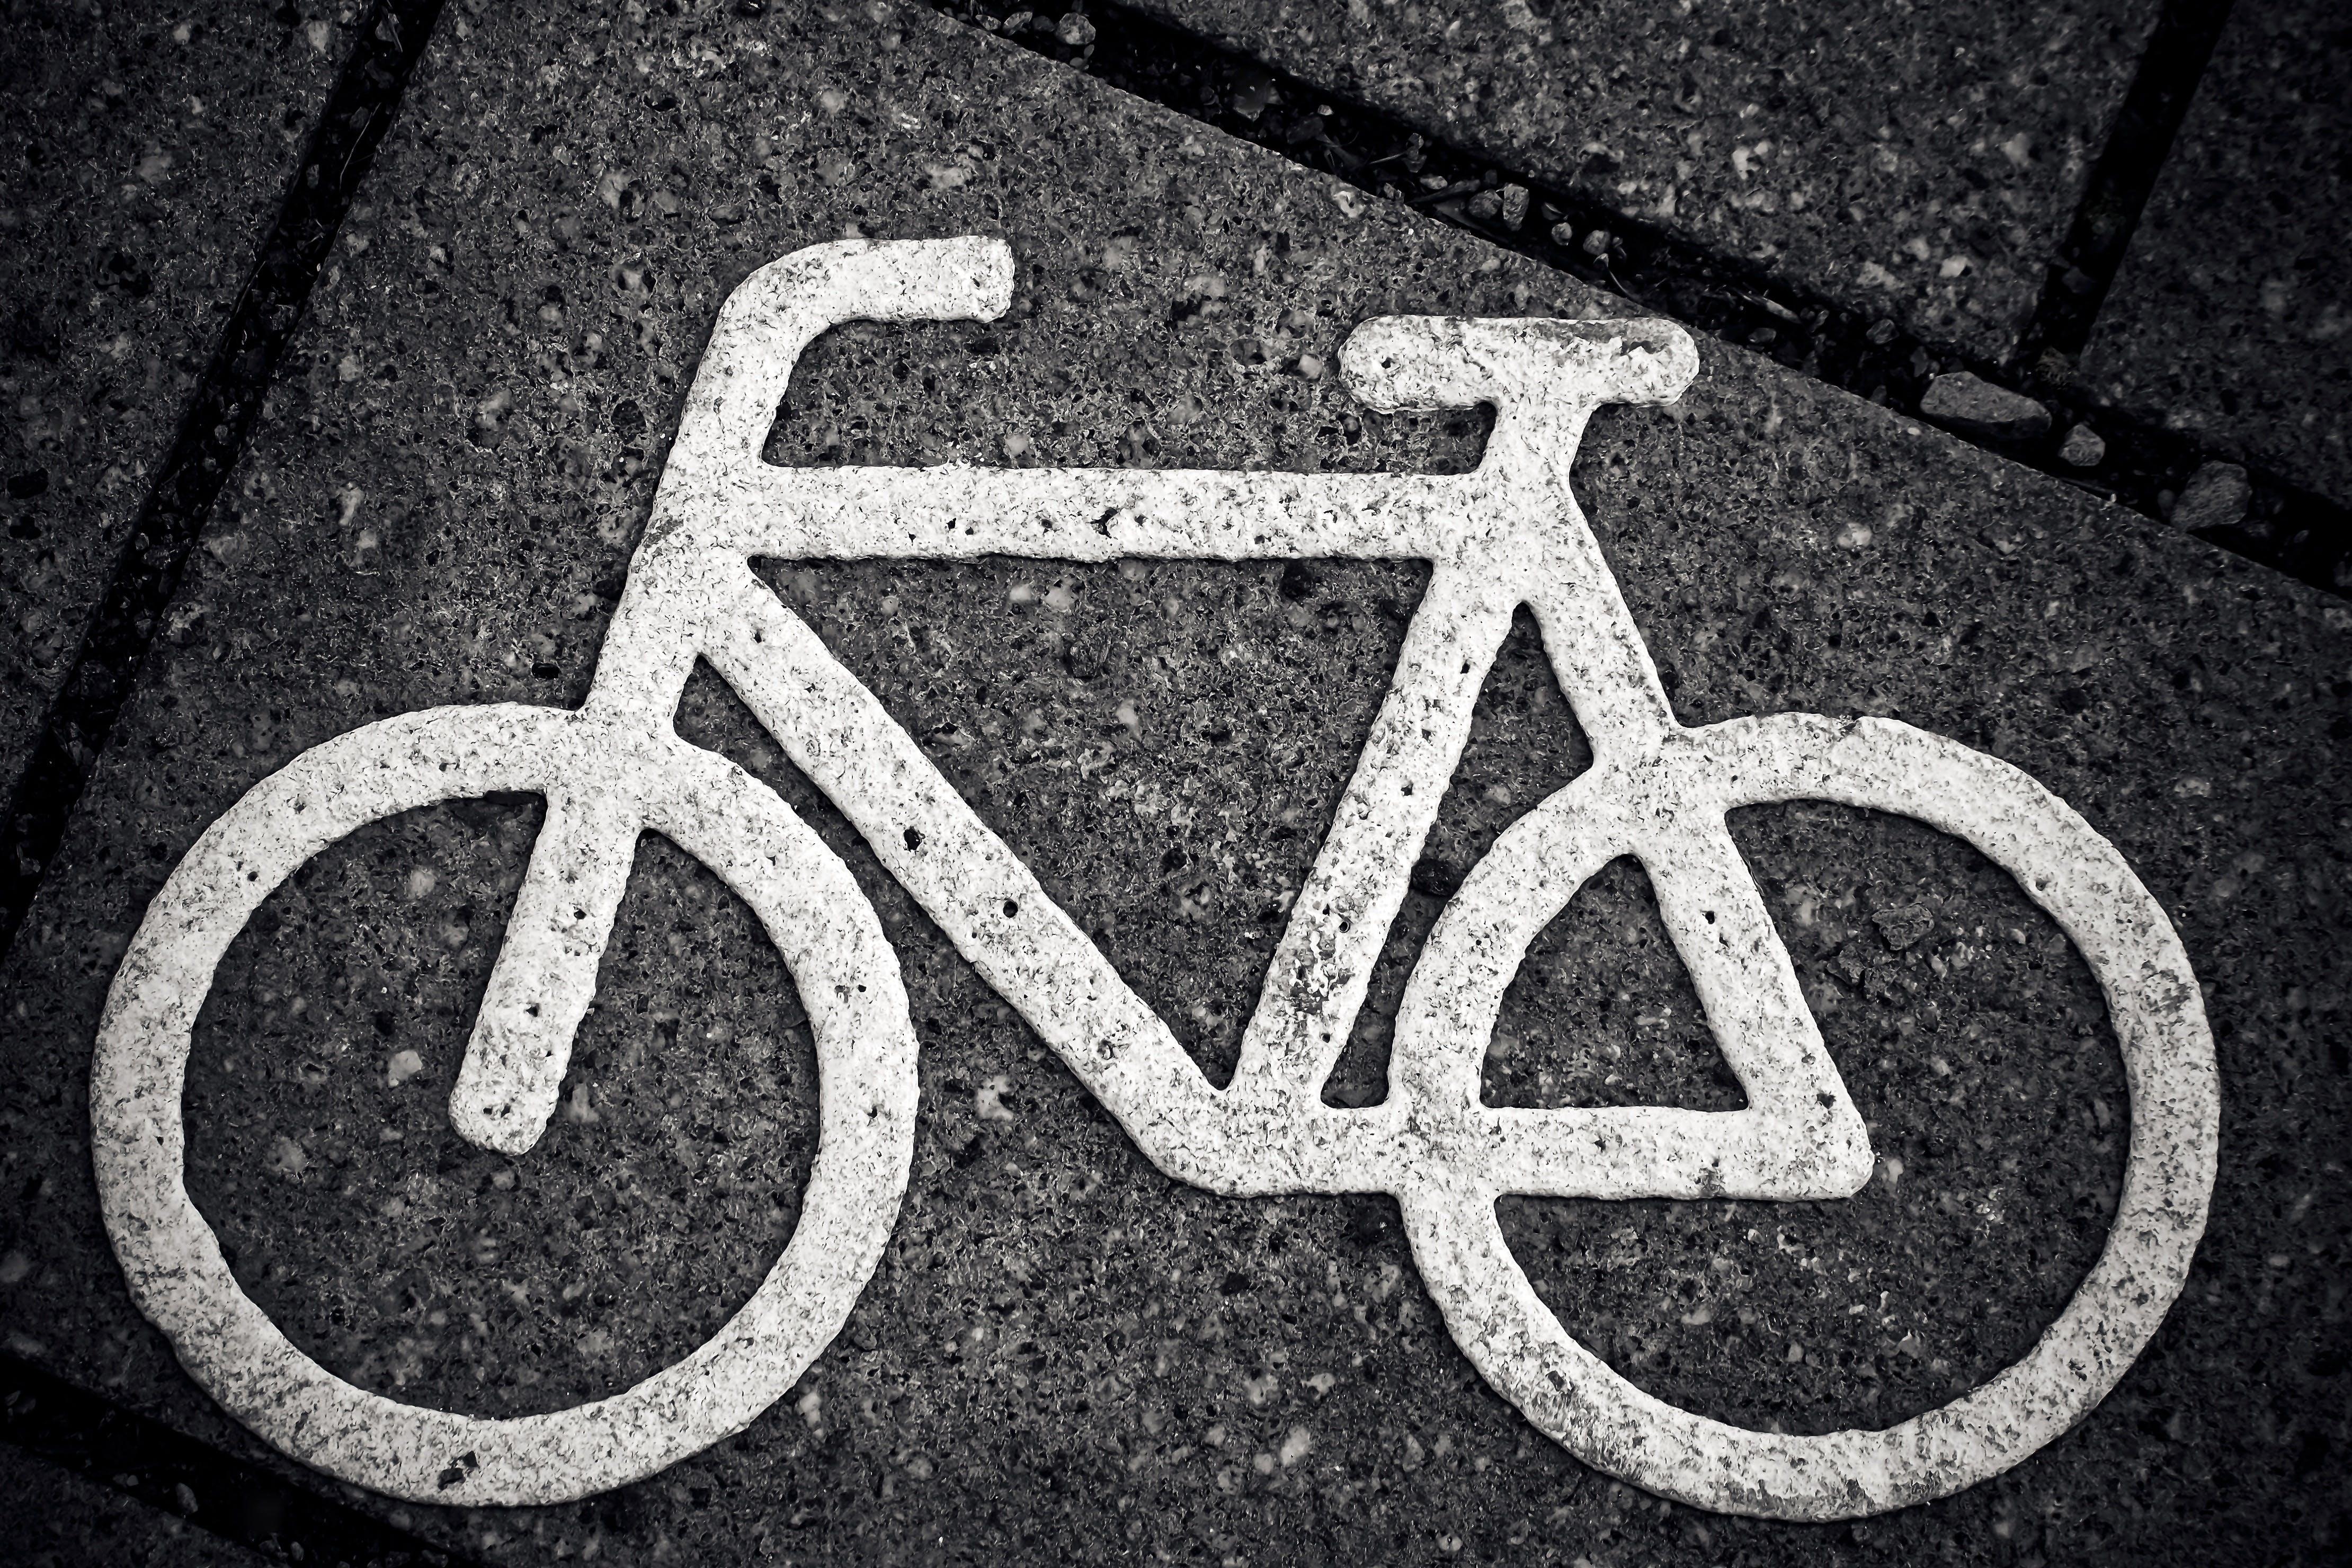 aszfalt, biciklizés, design